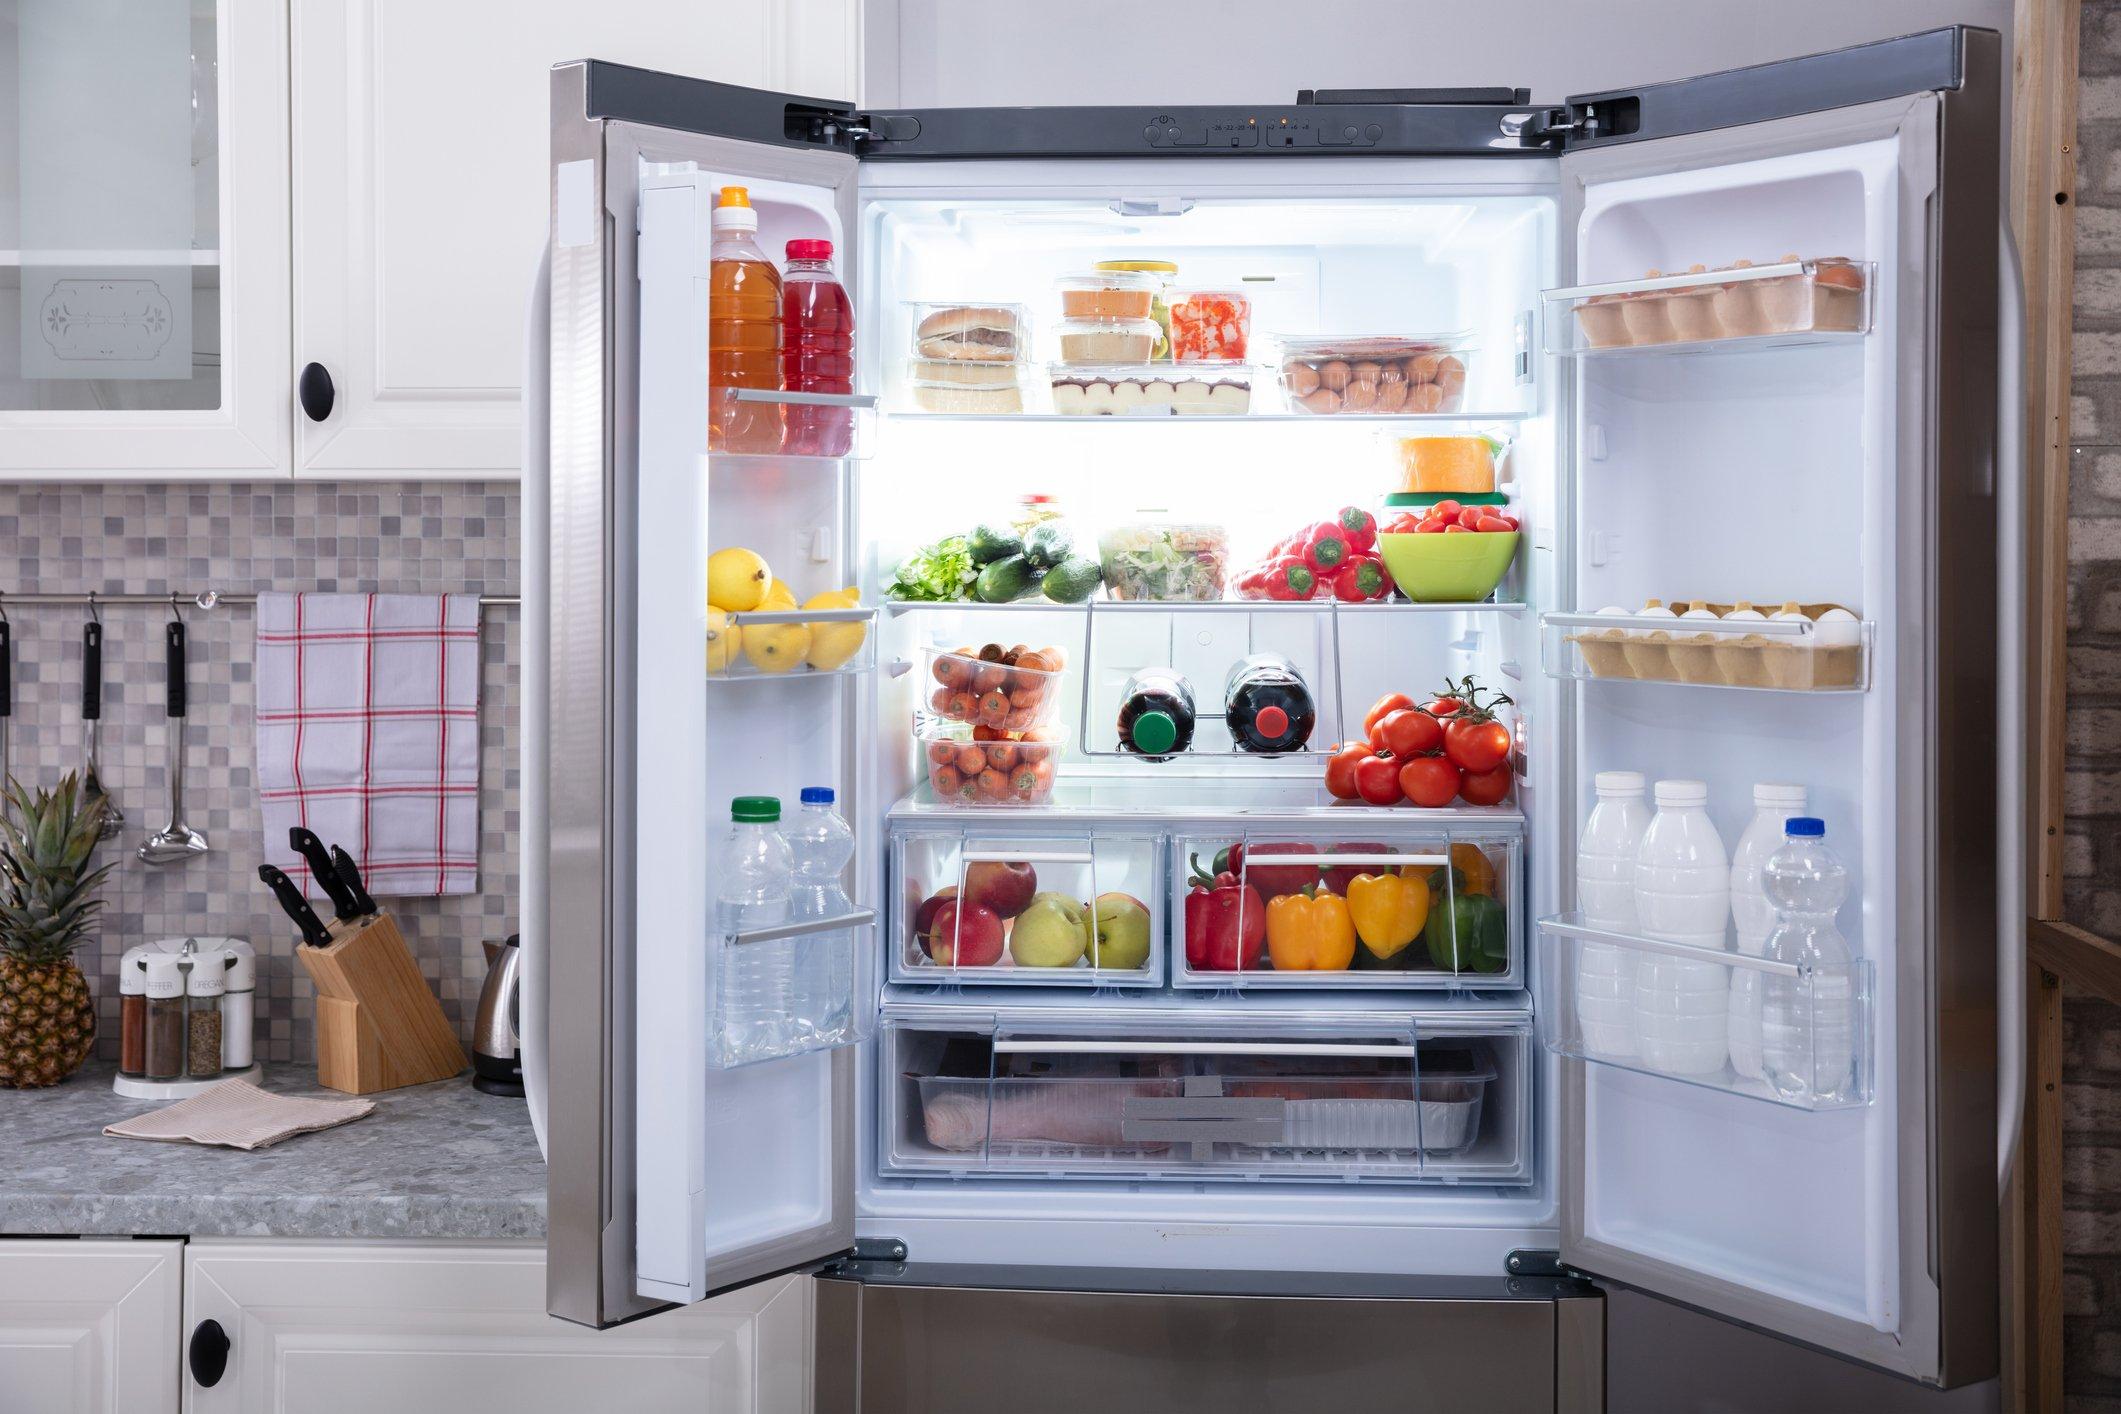 Consummer-Refrigerator